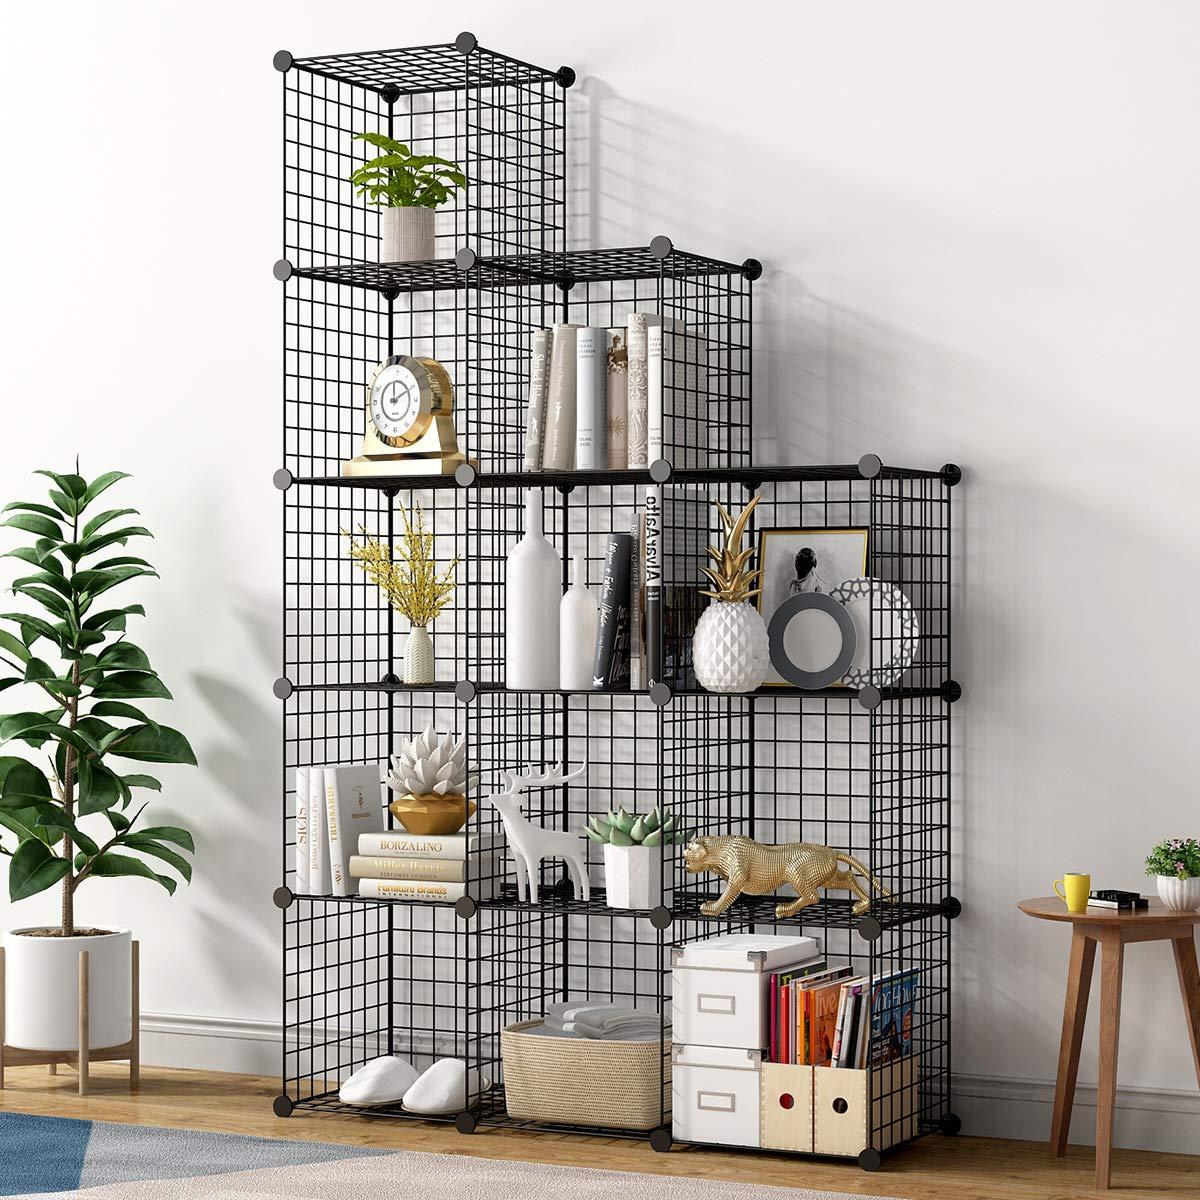 Tủ Kệ 12 ô lắp ghép hình zíc zắc, kệ sách, kệ trang trí, nội thất thông minh cho gia đình bạn